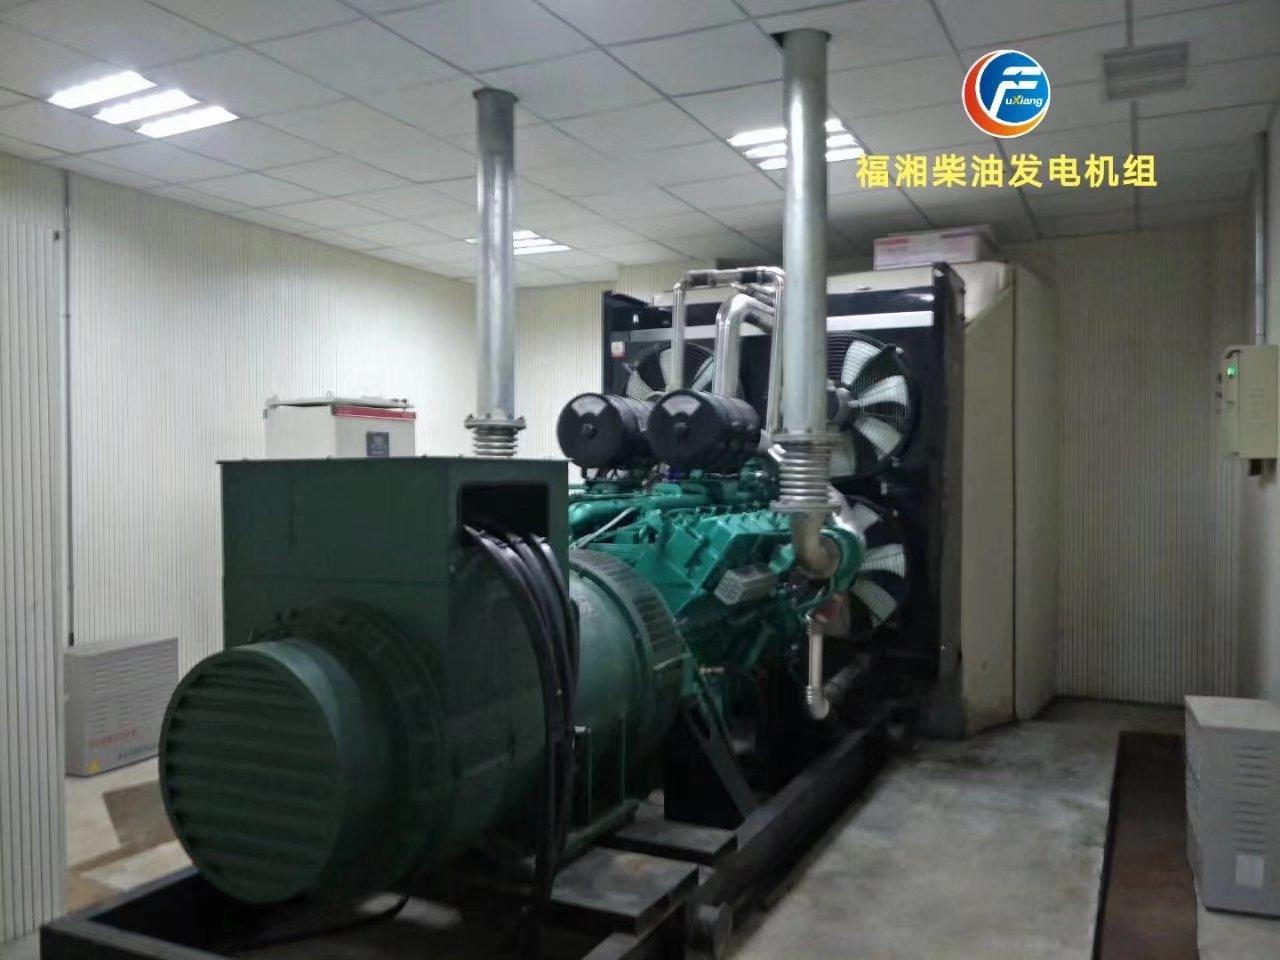 长沙规模大的正宗柴油发电机组厂家推荐-如何选购正宗柴油发电机组